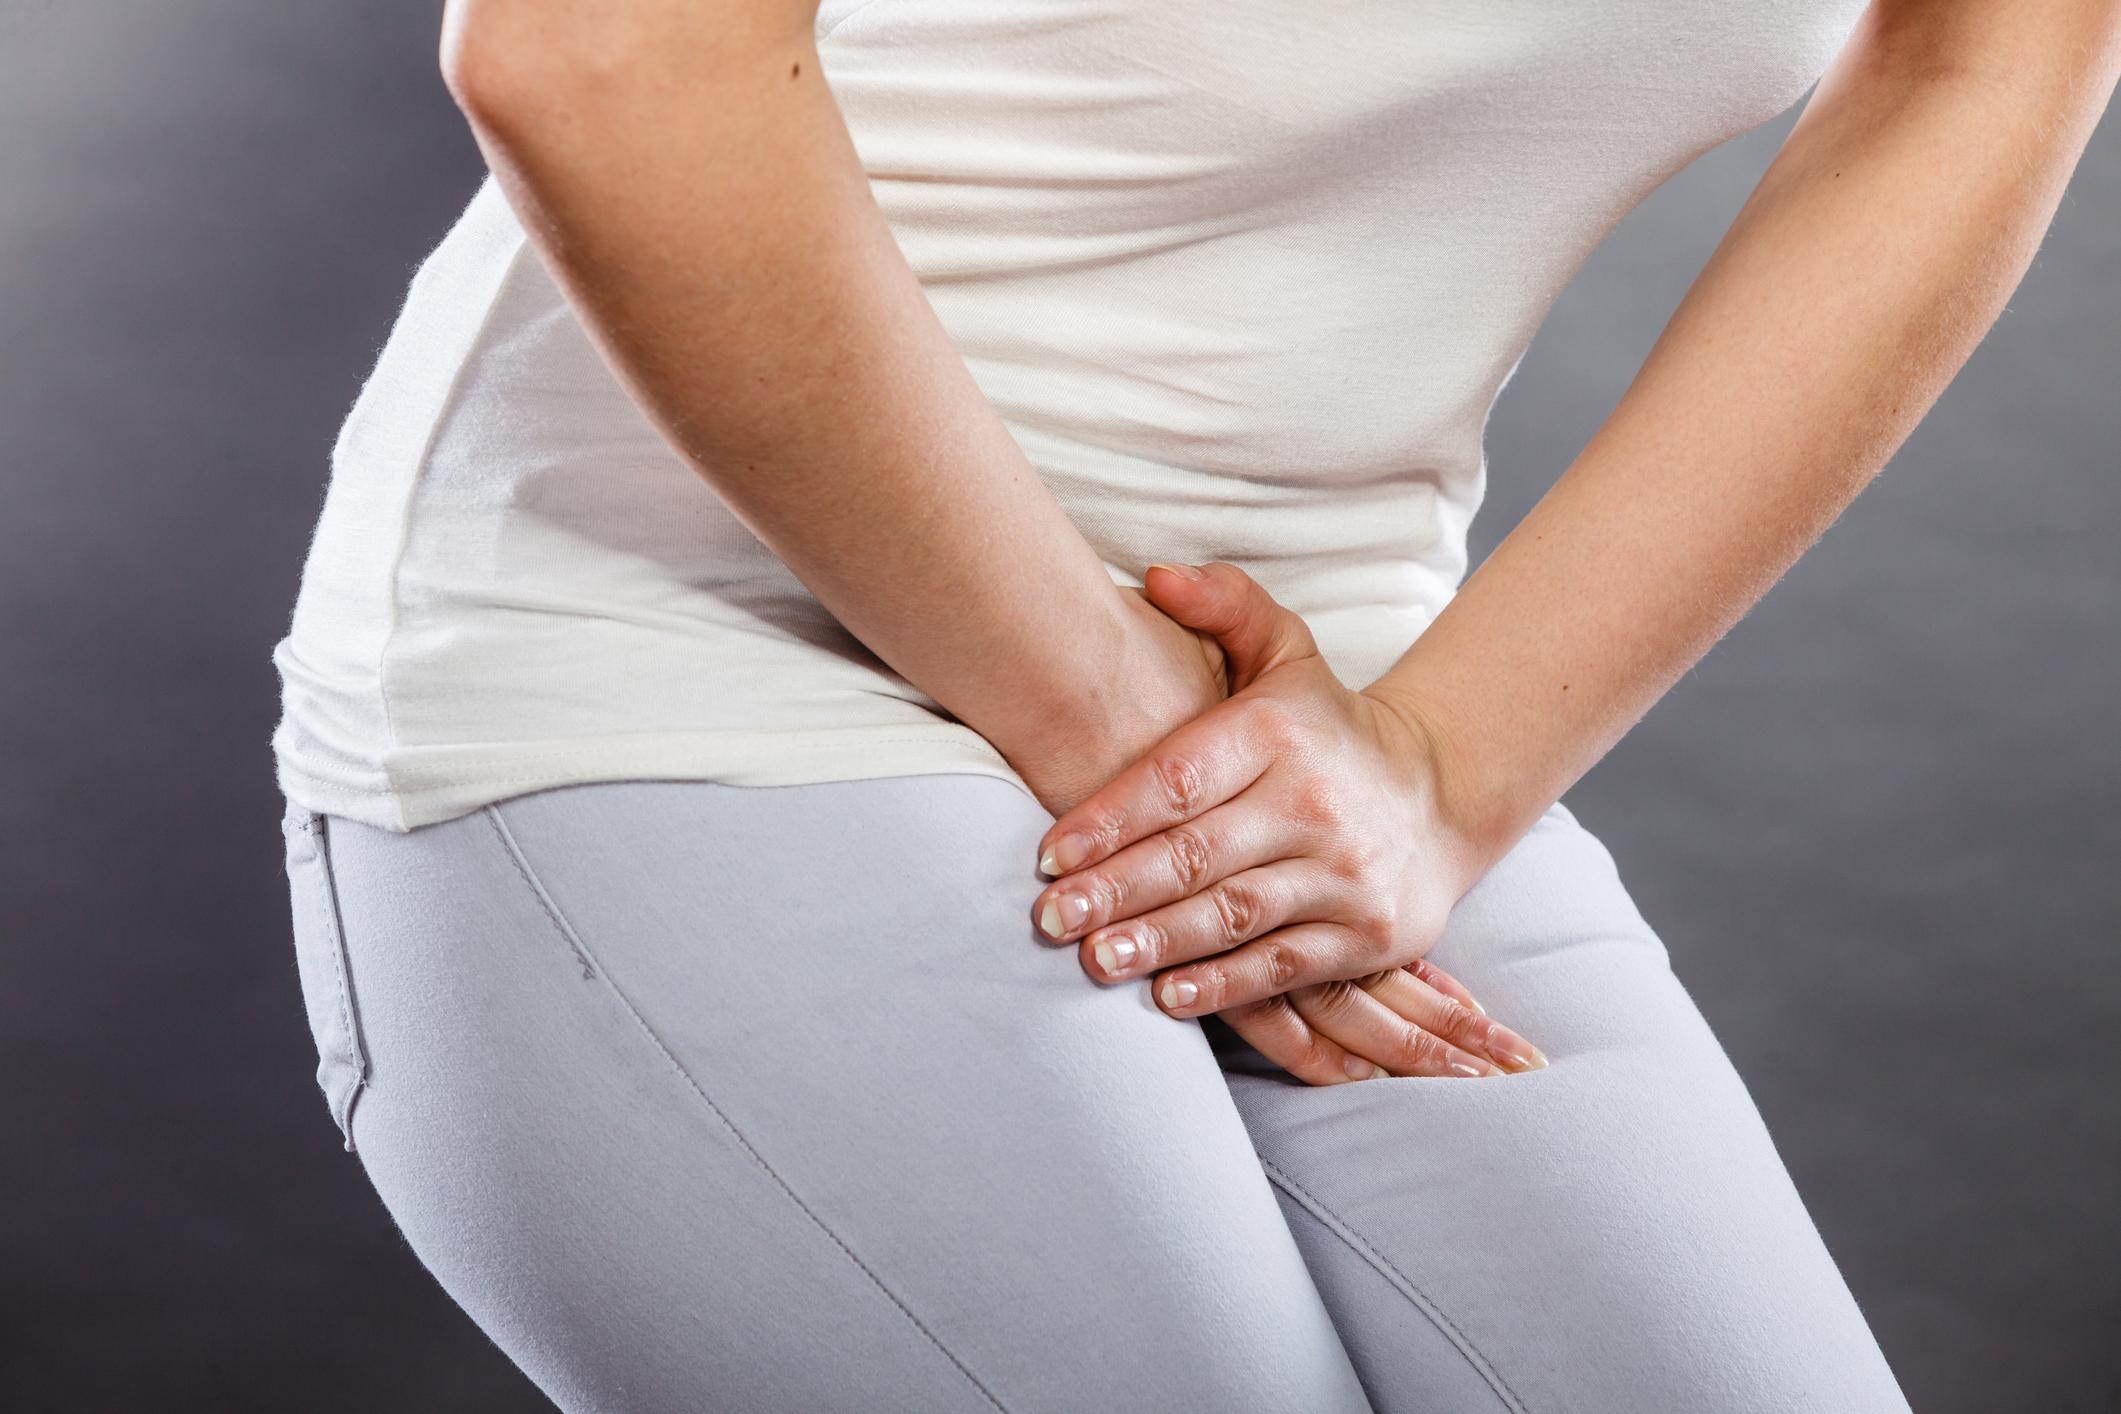 Húgyúti fertőzések tünetei és kezelésük - EgészségKalauz